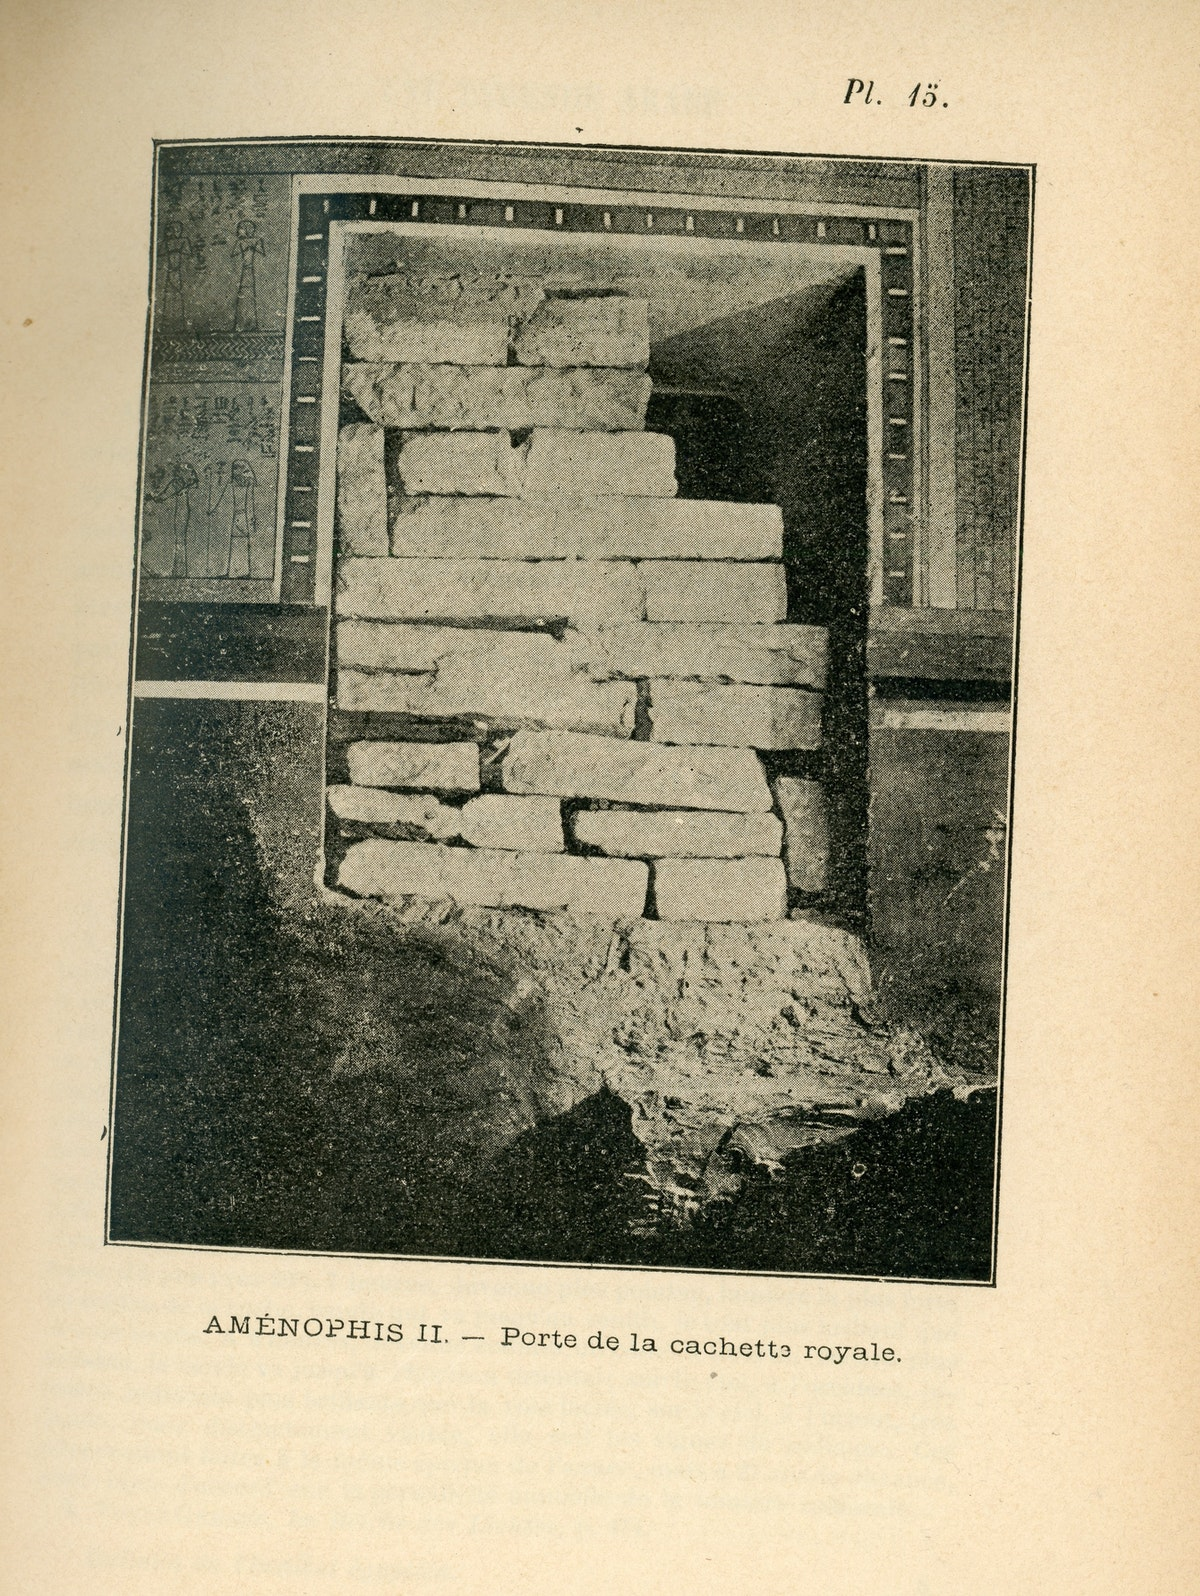 """باب المقبرة 35، المعروفة باسم """"الخبيئة المنسية"""". - كتاب مقبرة أمنحتب الثاني لفيكتور لوريه- الشرق"""